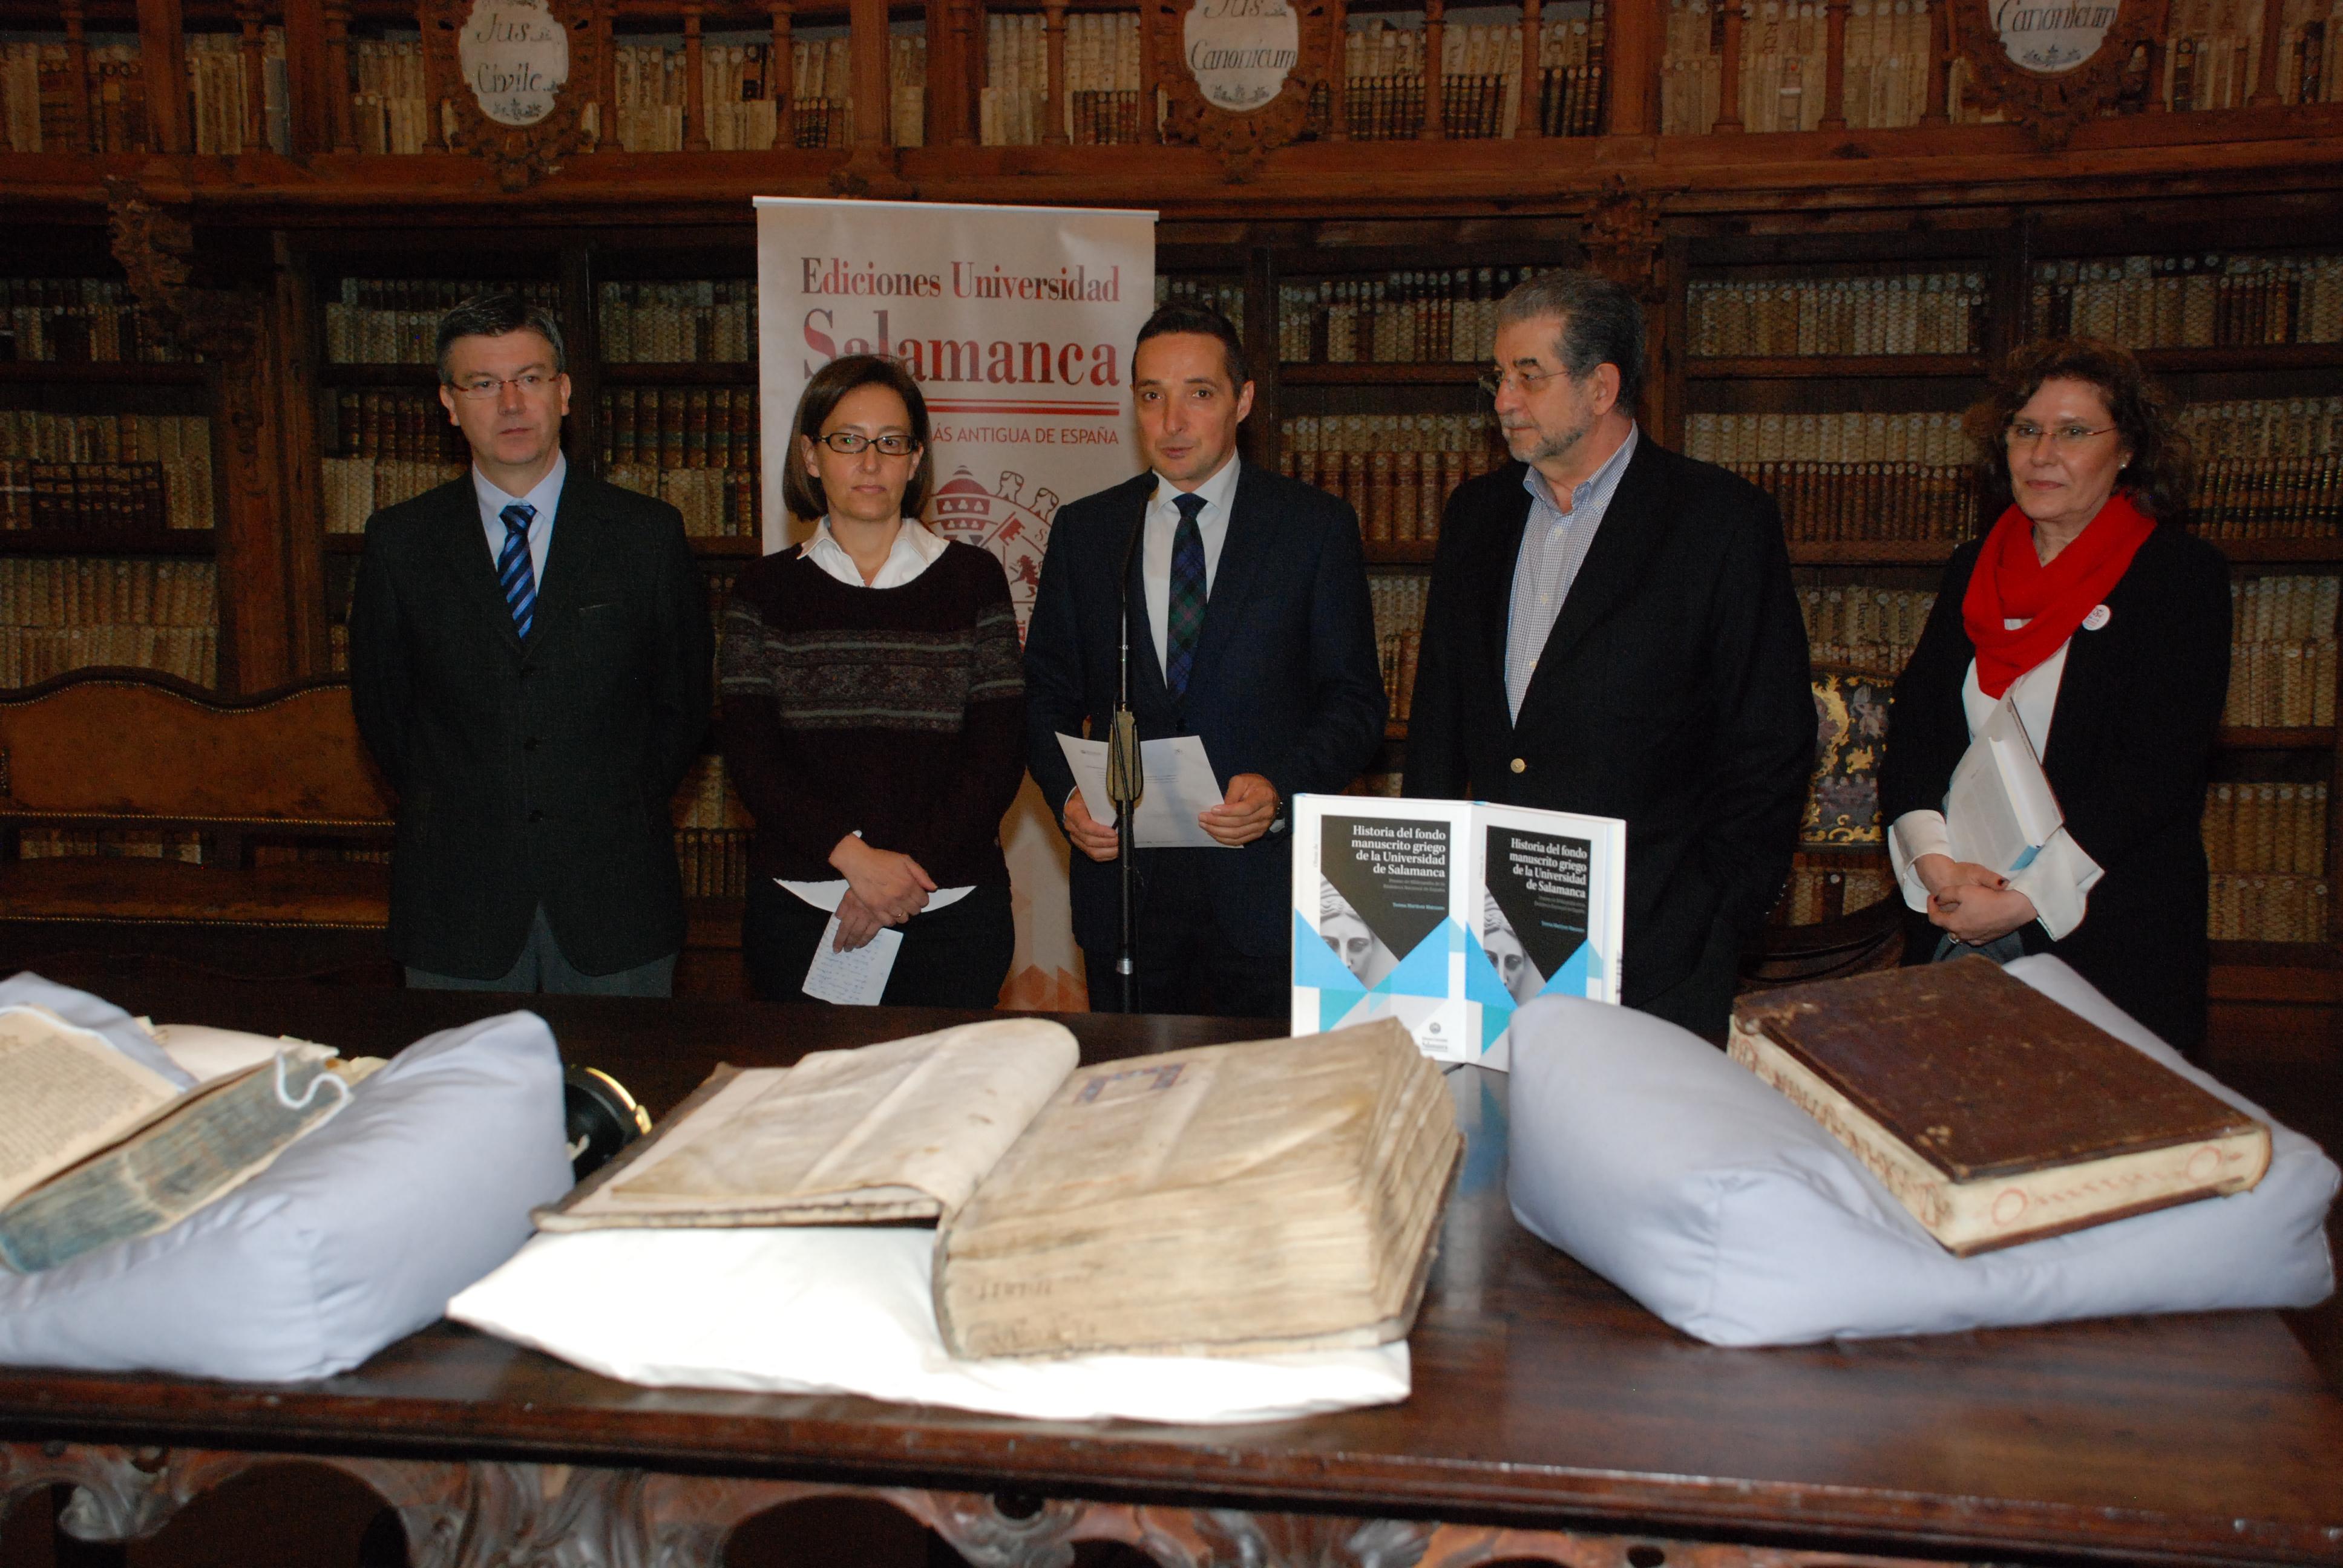 Ediciones Universidad da a conocer los manuscritos griegos de la Biblioteca Histórica, el tercer fondo más importante de España